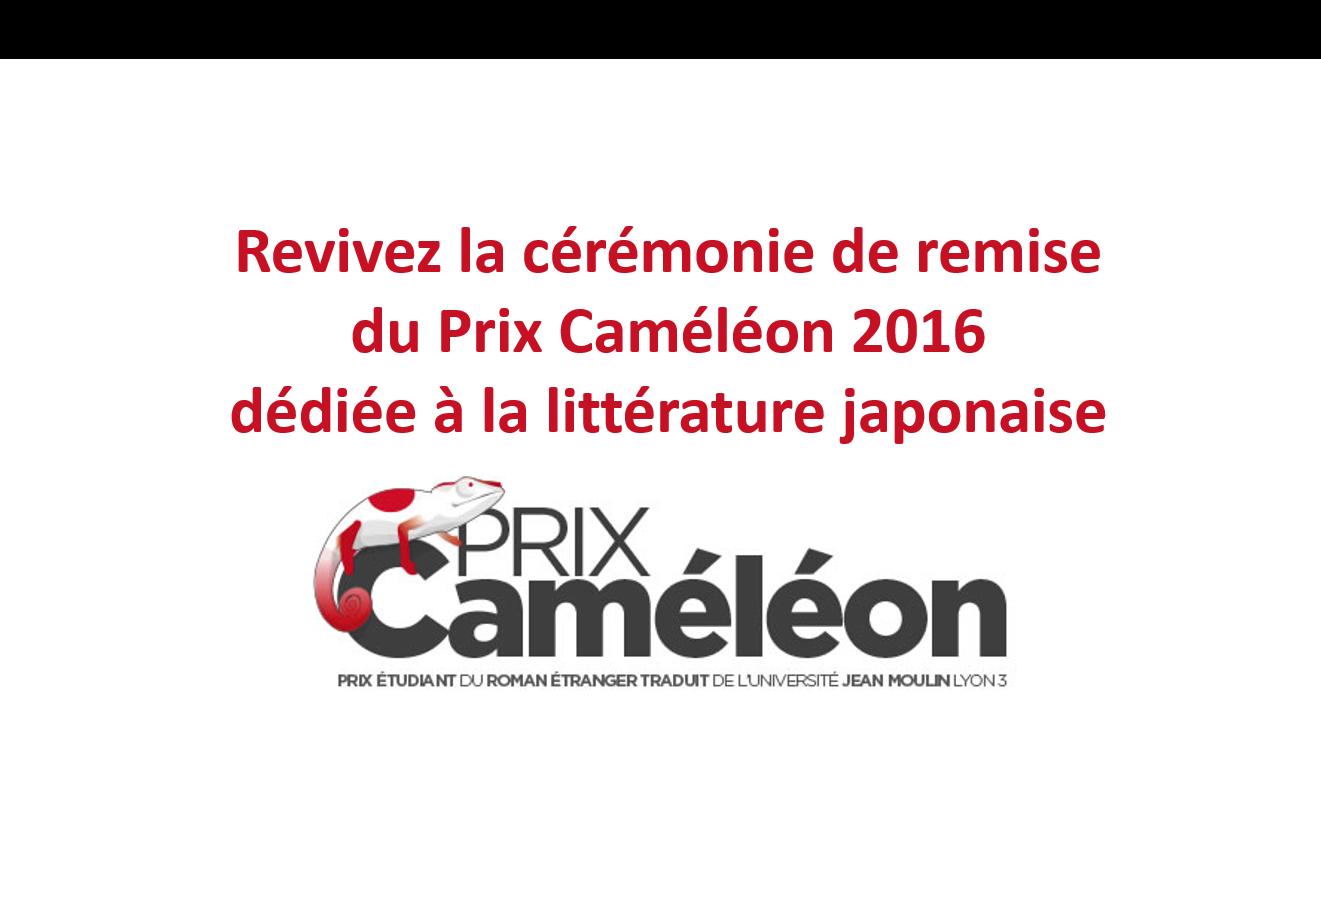 Caméléon 2016